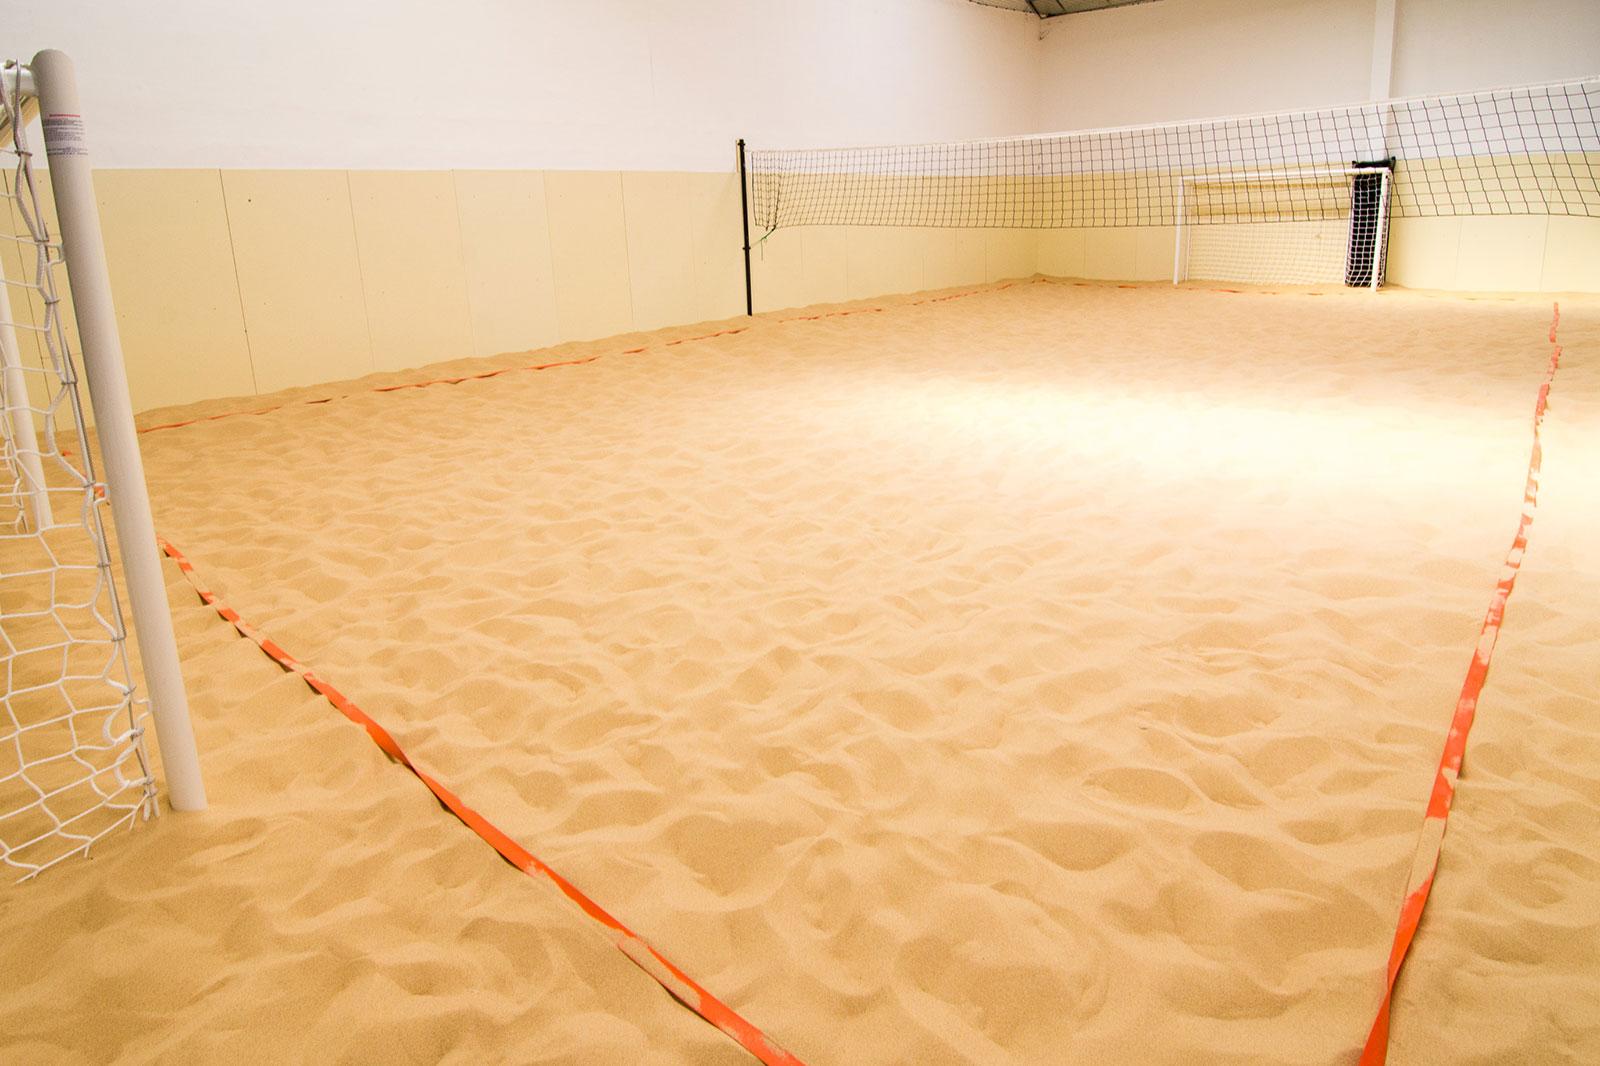 Le Beach Indoor chez D'Sport & Co - Terrain de sable couvert unique à Nantes